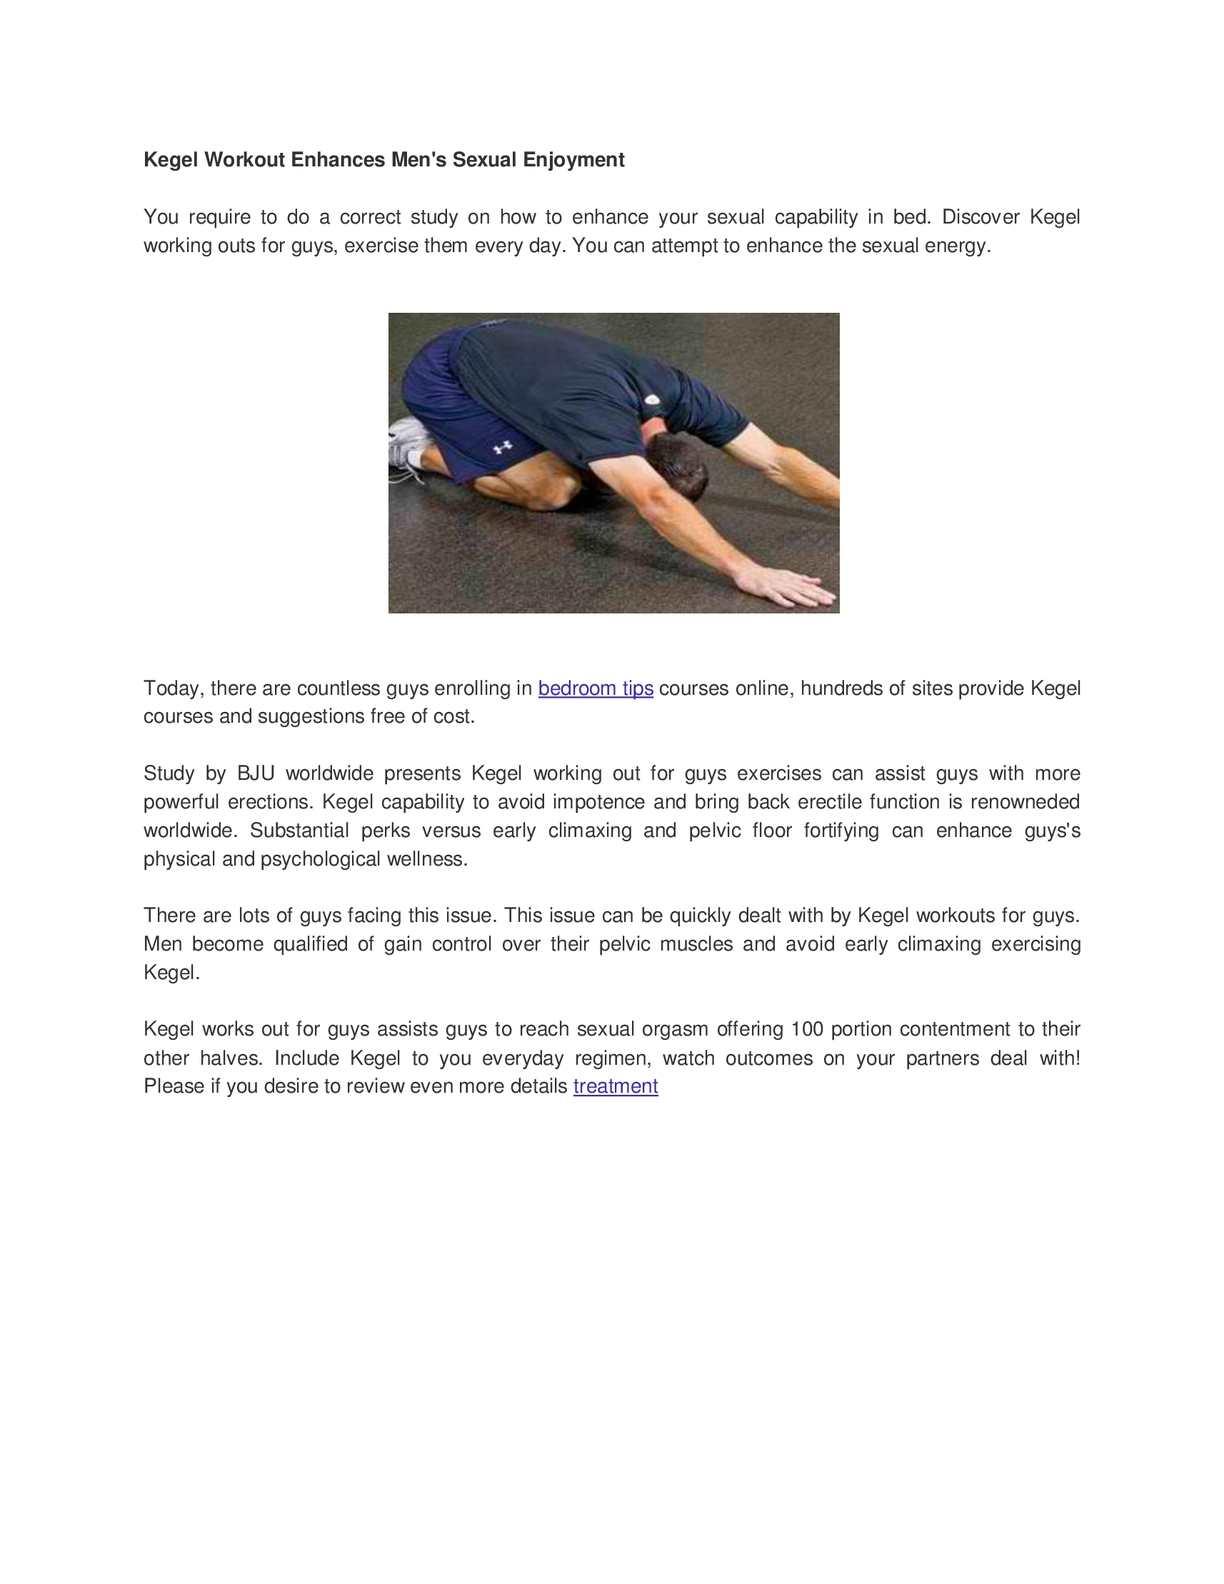 kegel exercises for men really work